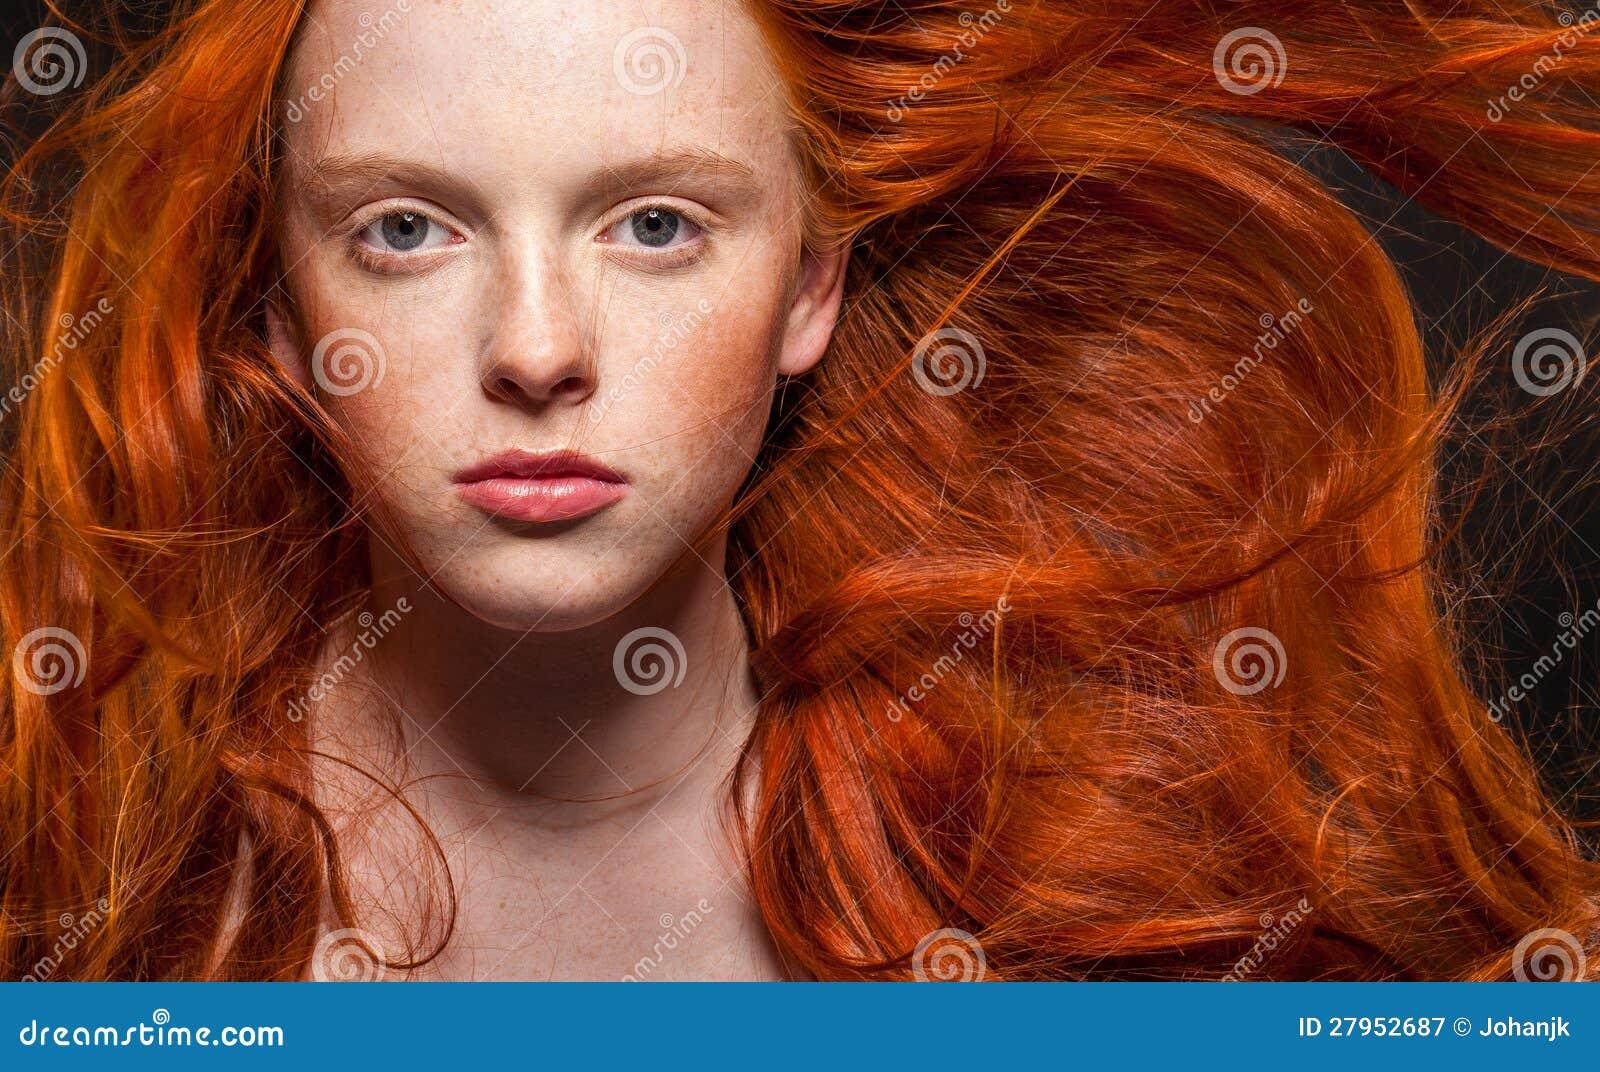 Рыжий цвет волос причины